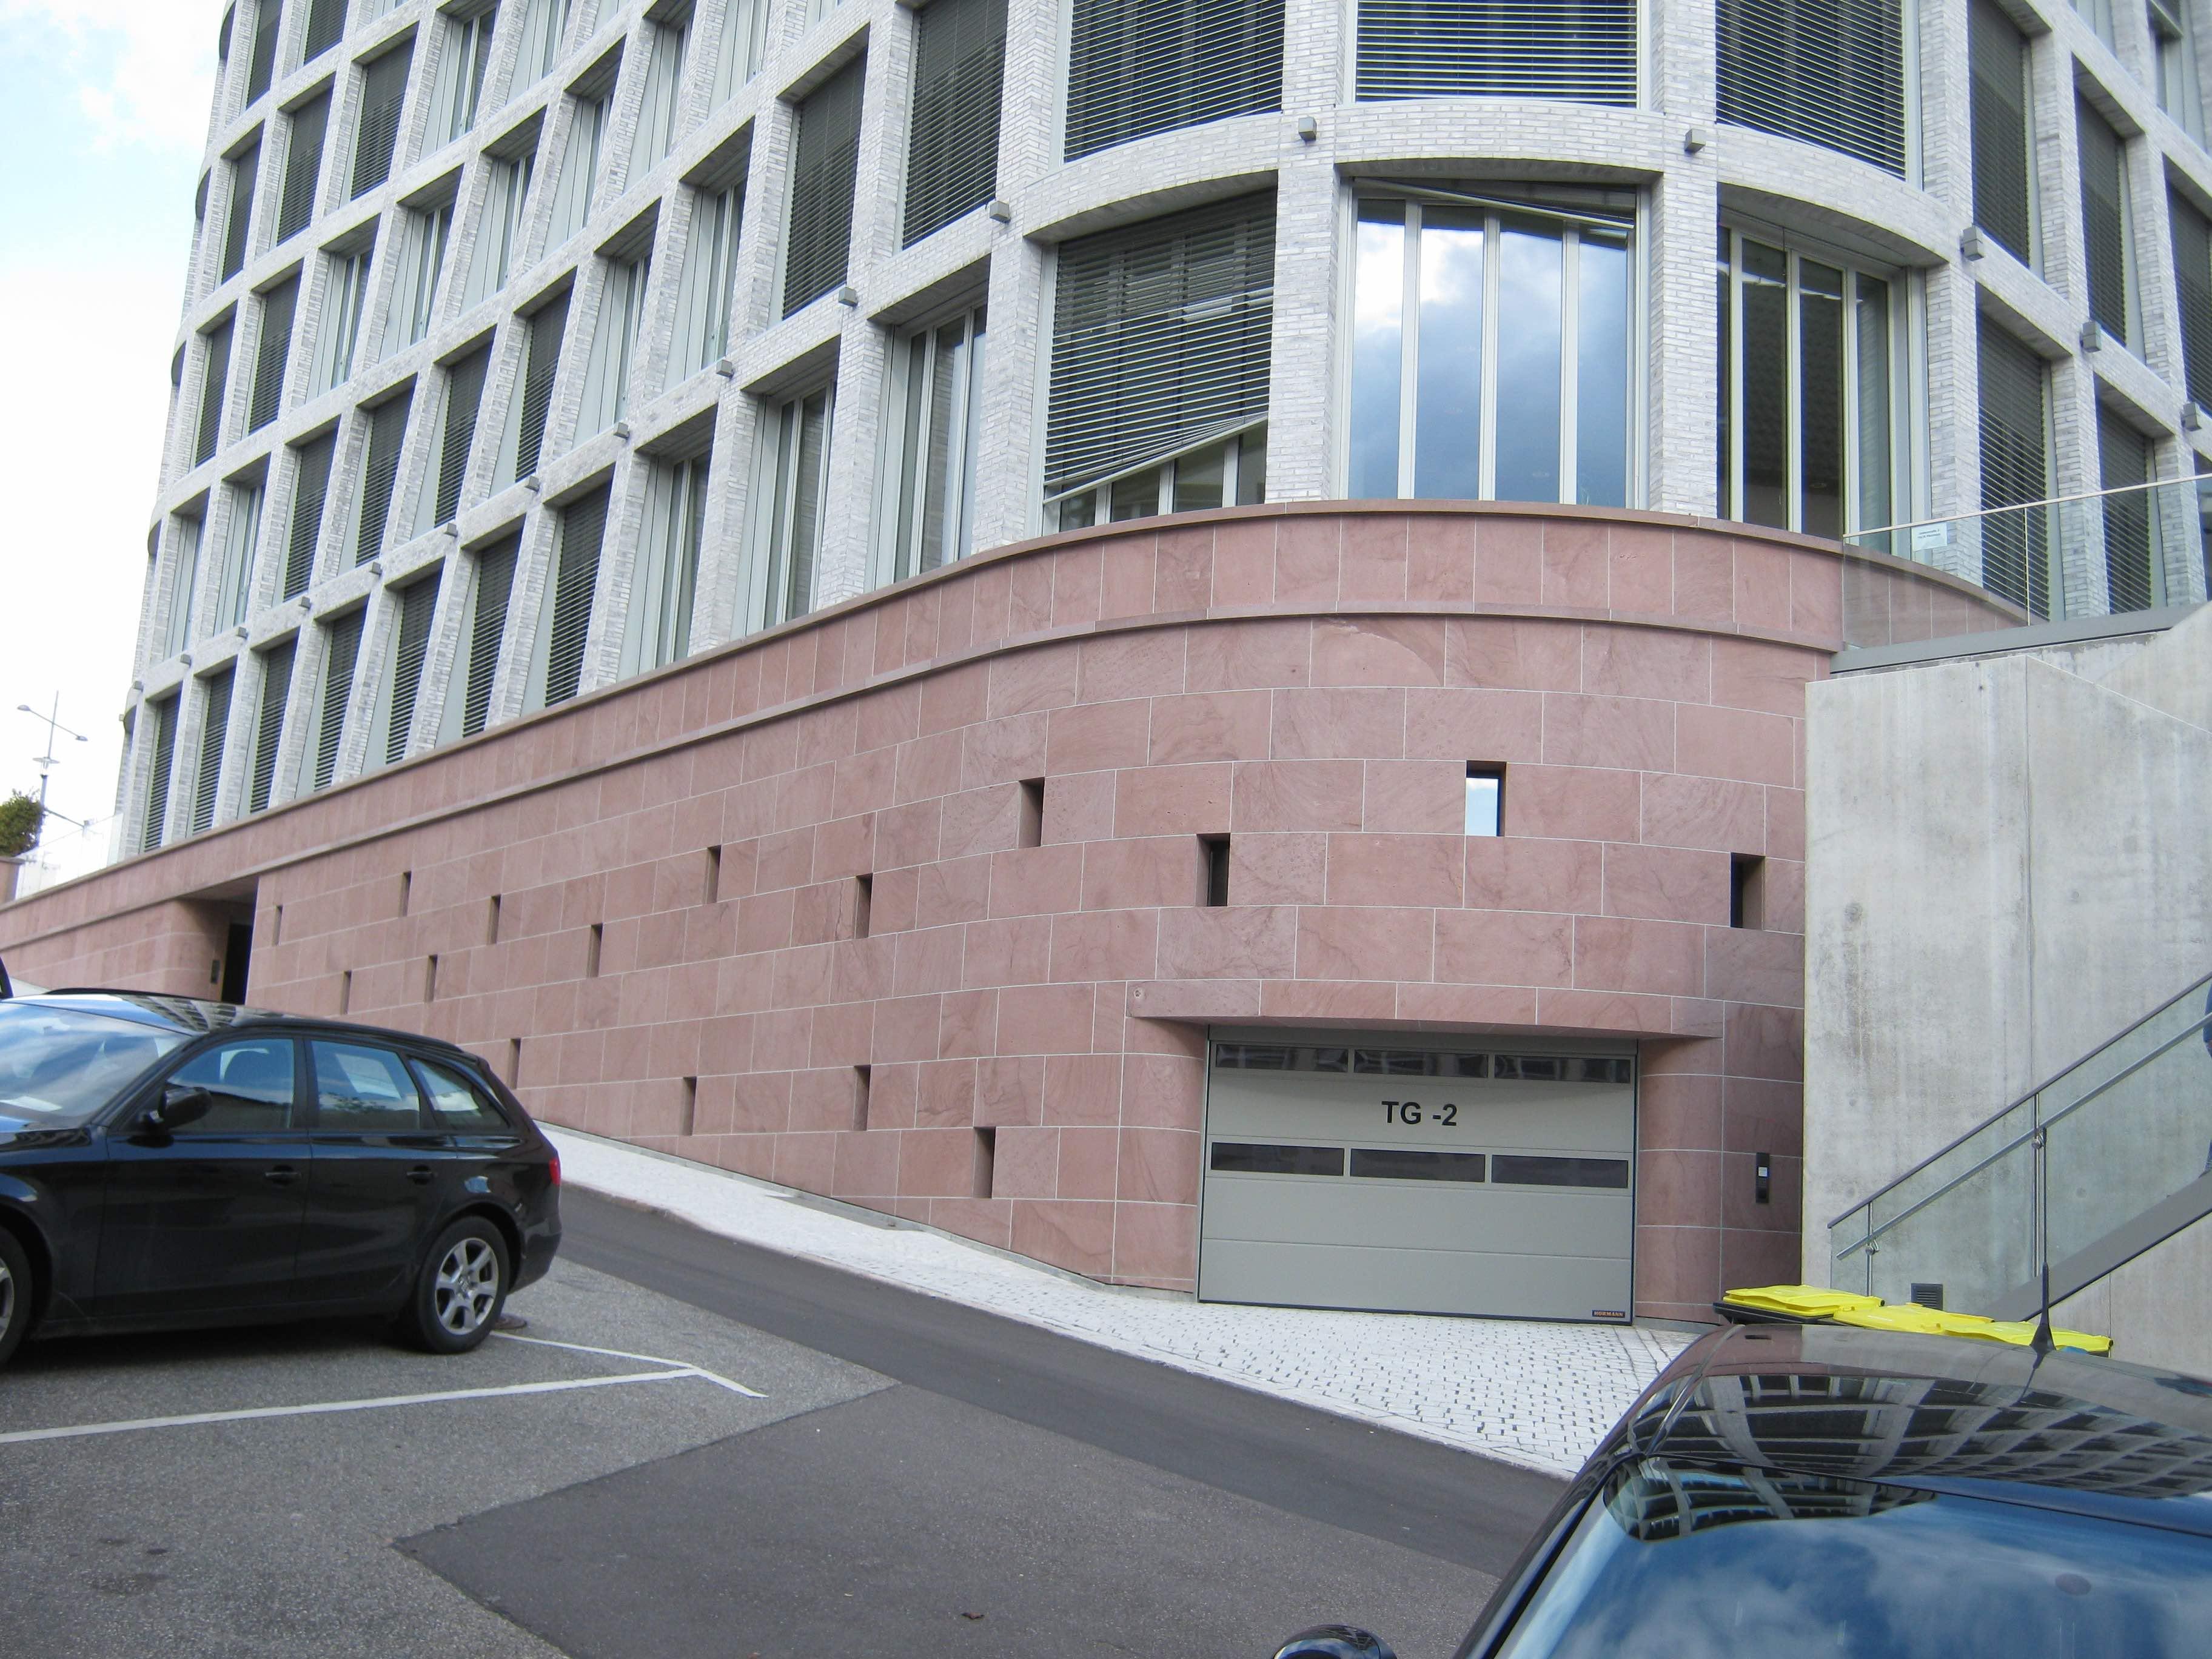 FassadenplattenIMG_2359